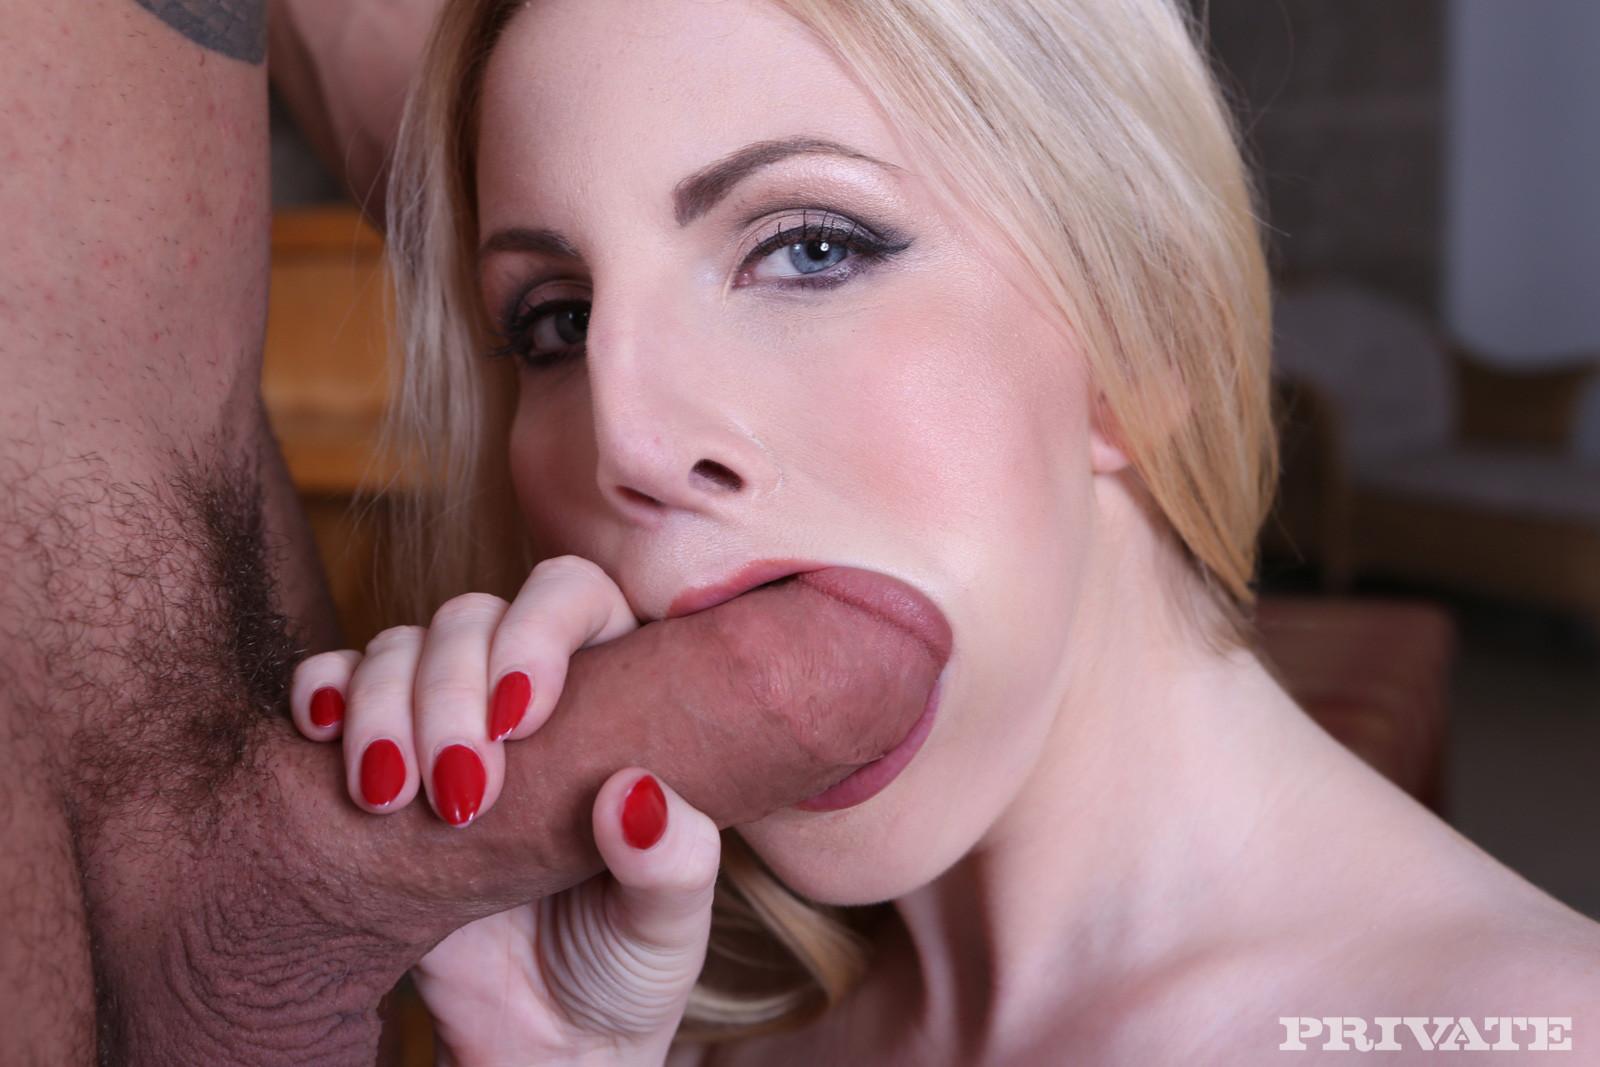 Мужик ебет очень сексуальную девушку у которой обнаженная страстная грудь